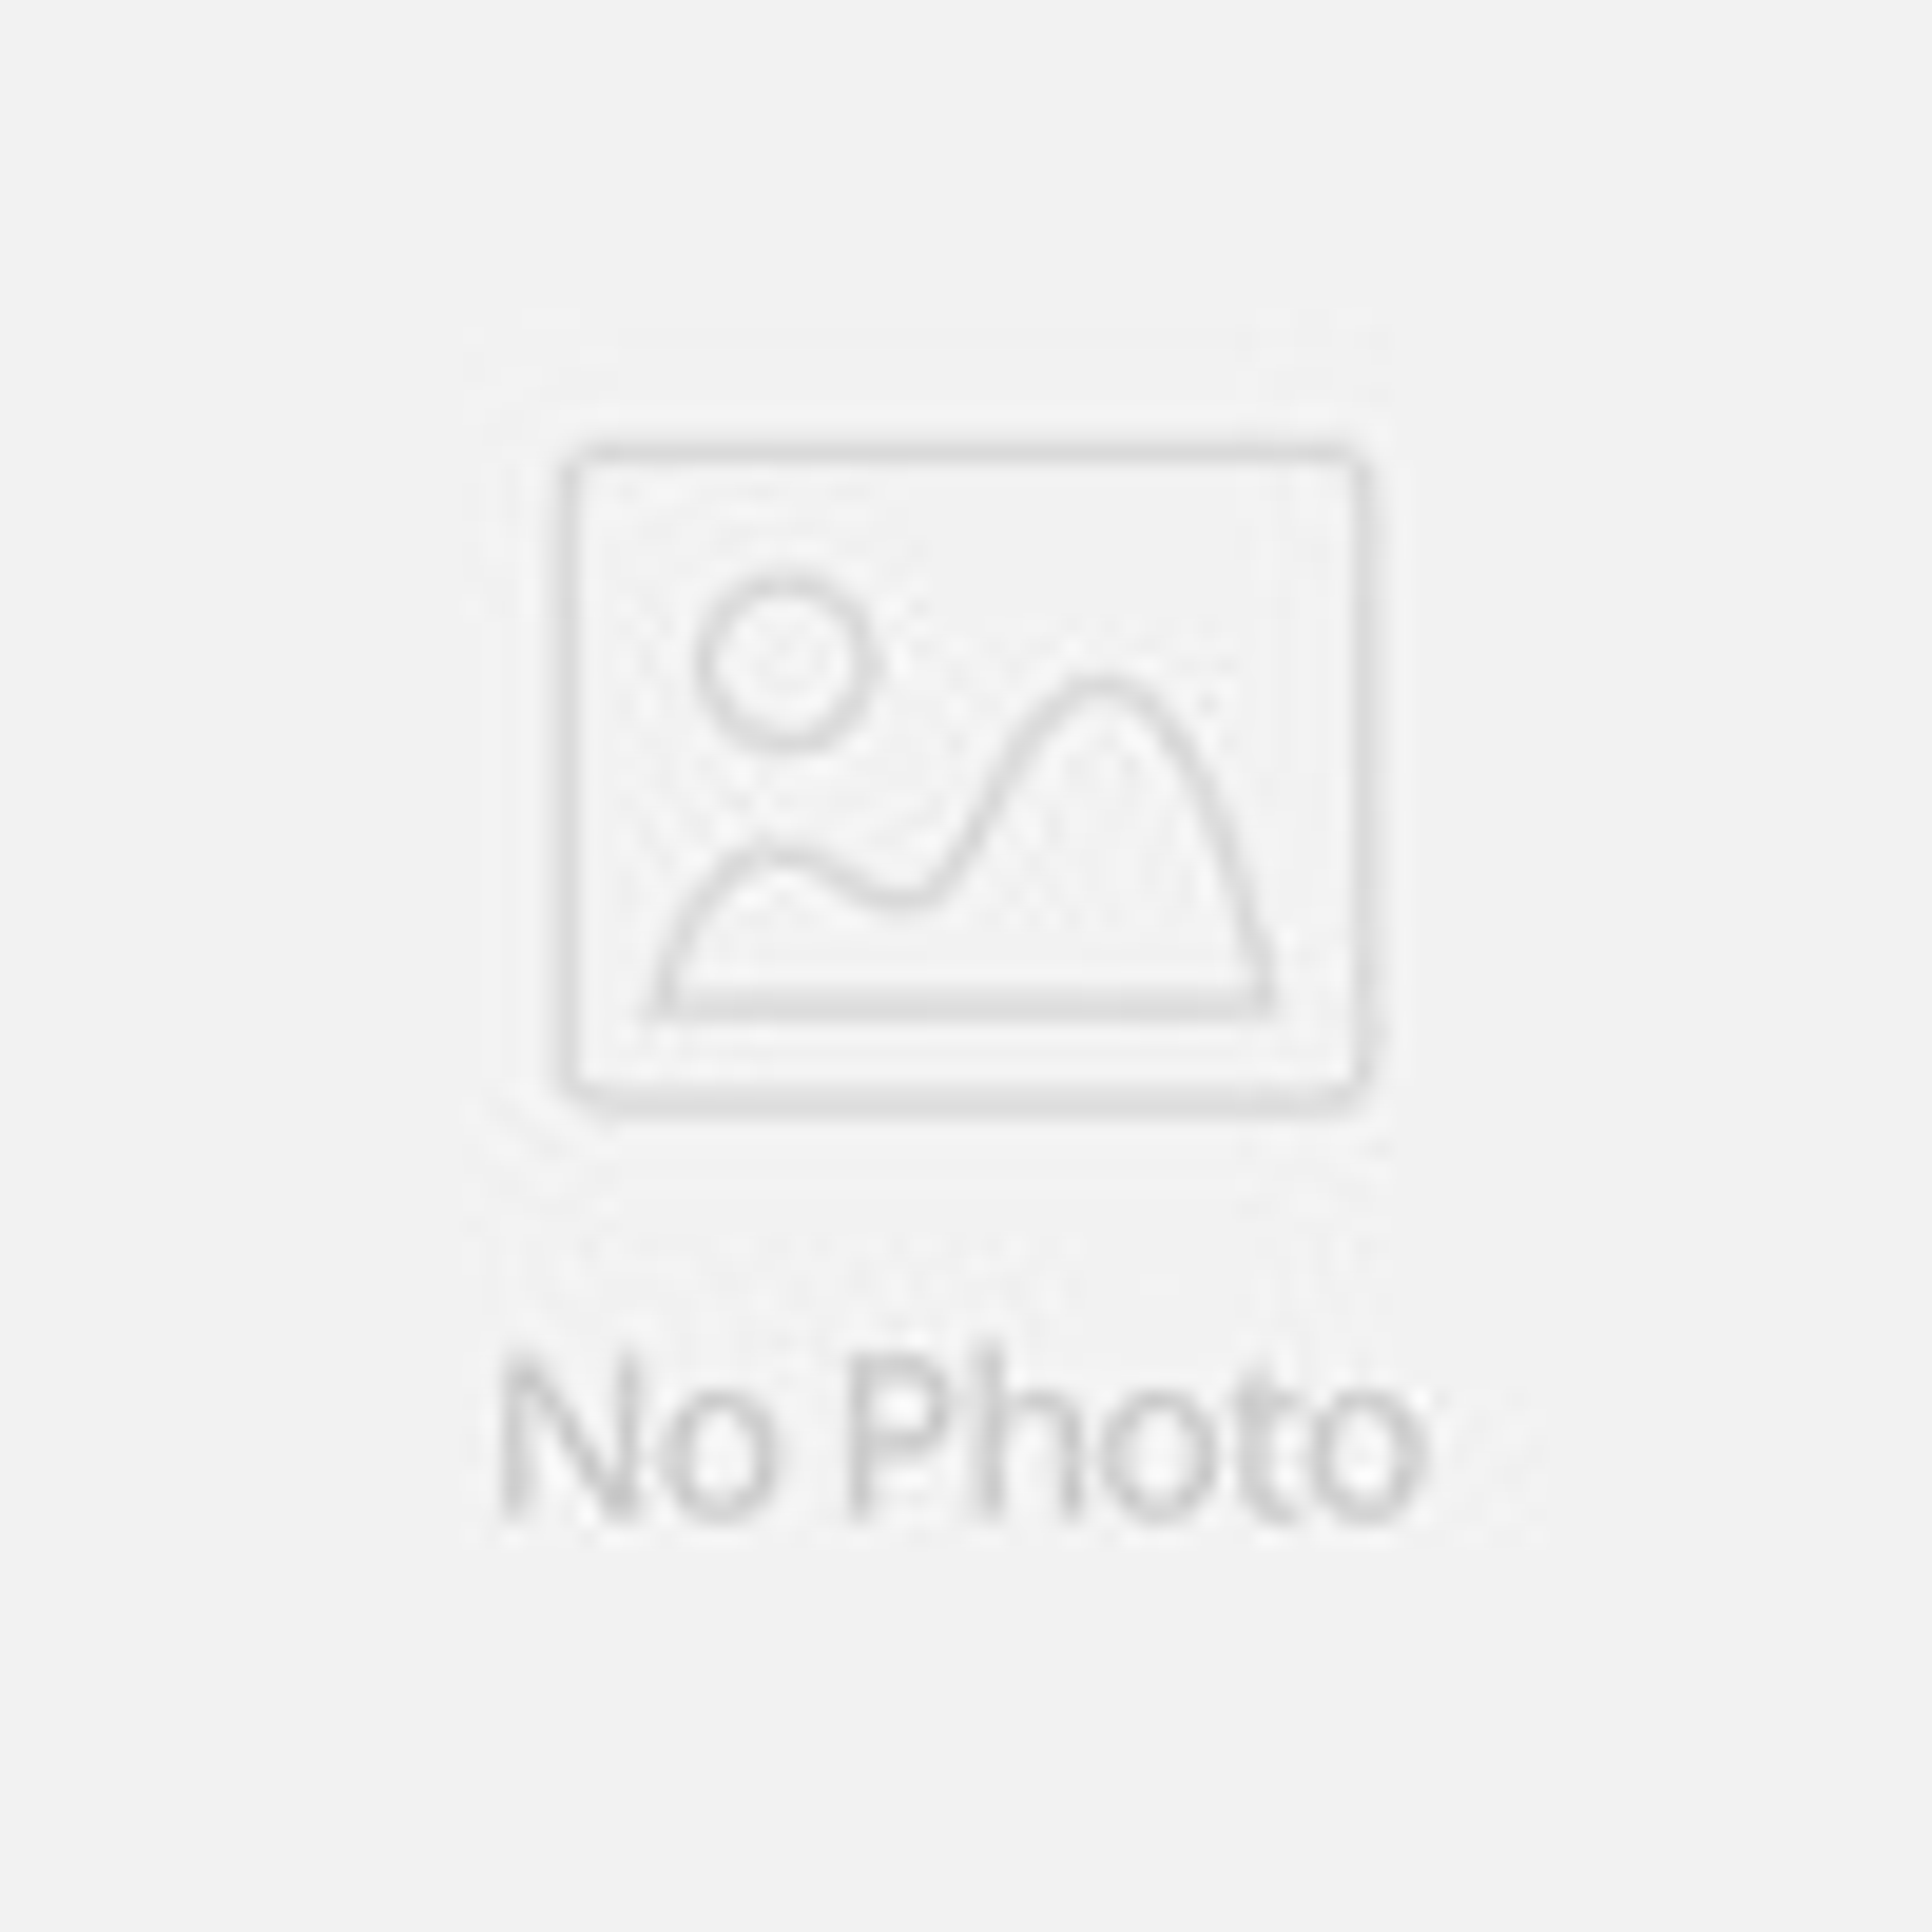 Блузка Белая Счерной Оборкой Цена 699 Руб